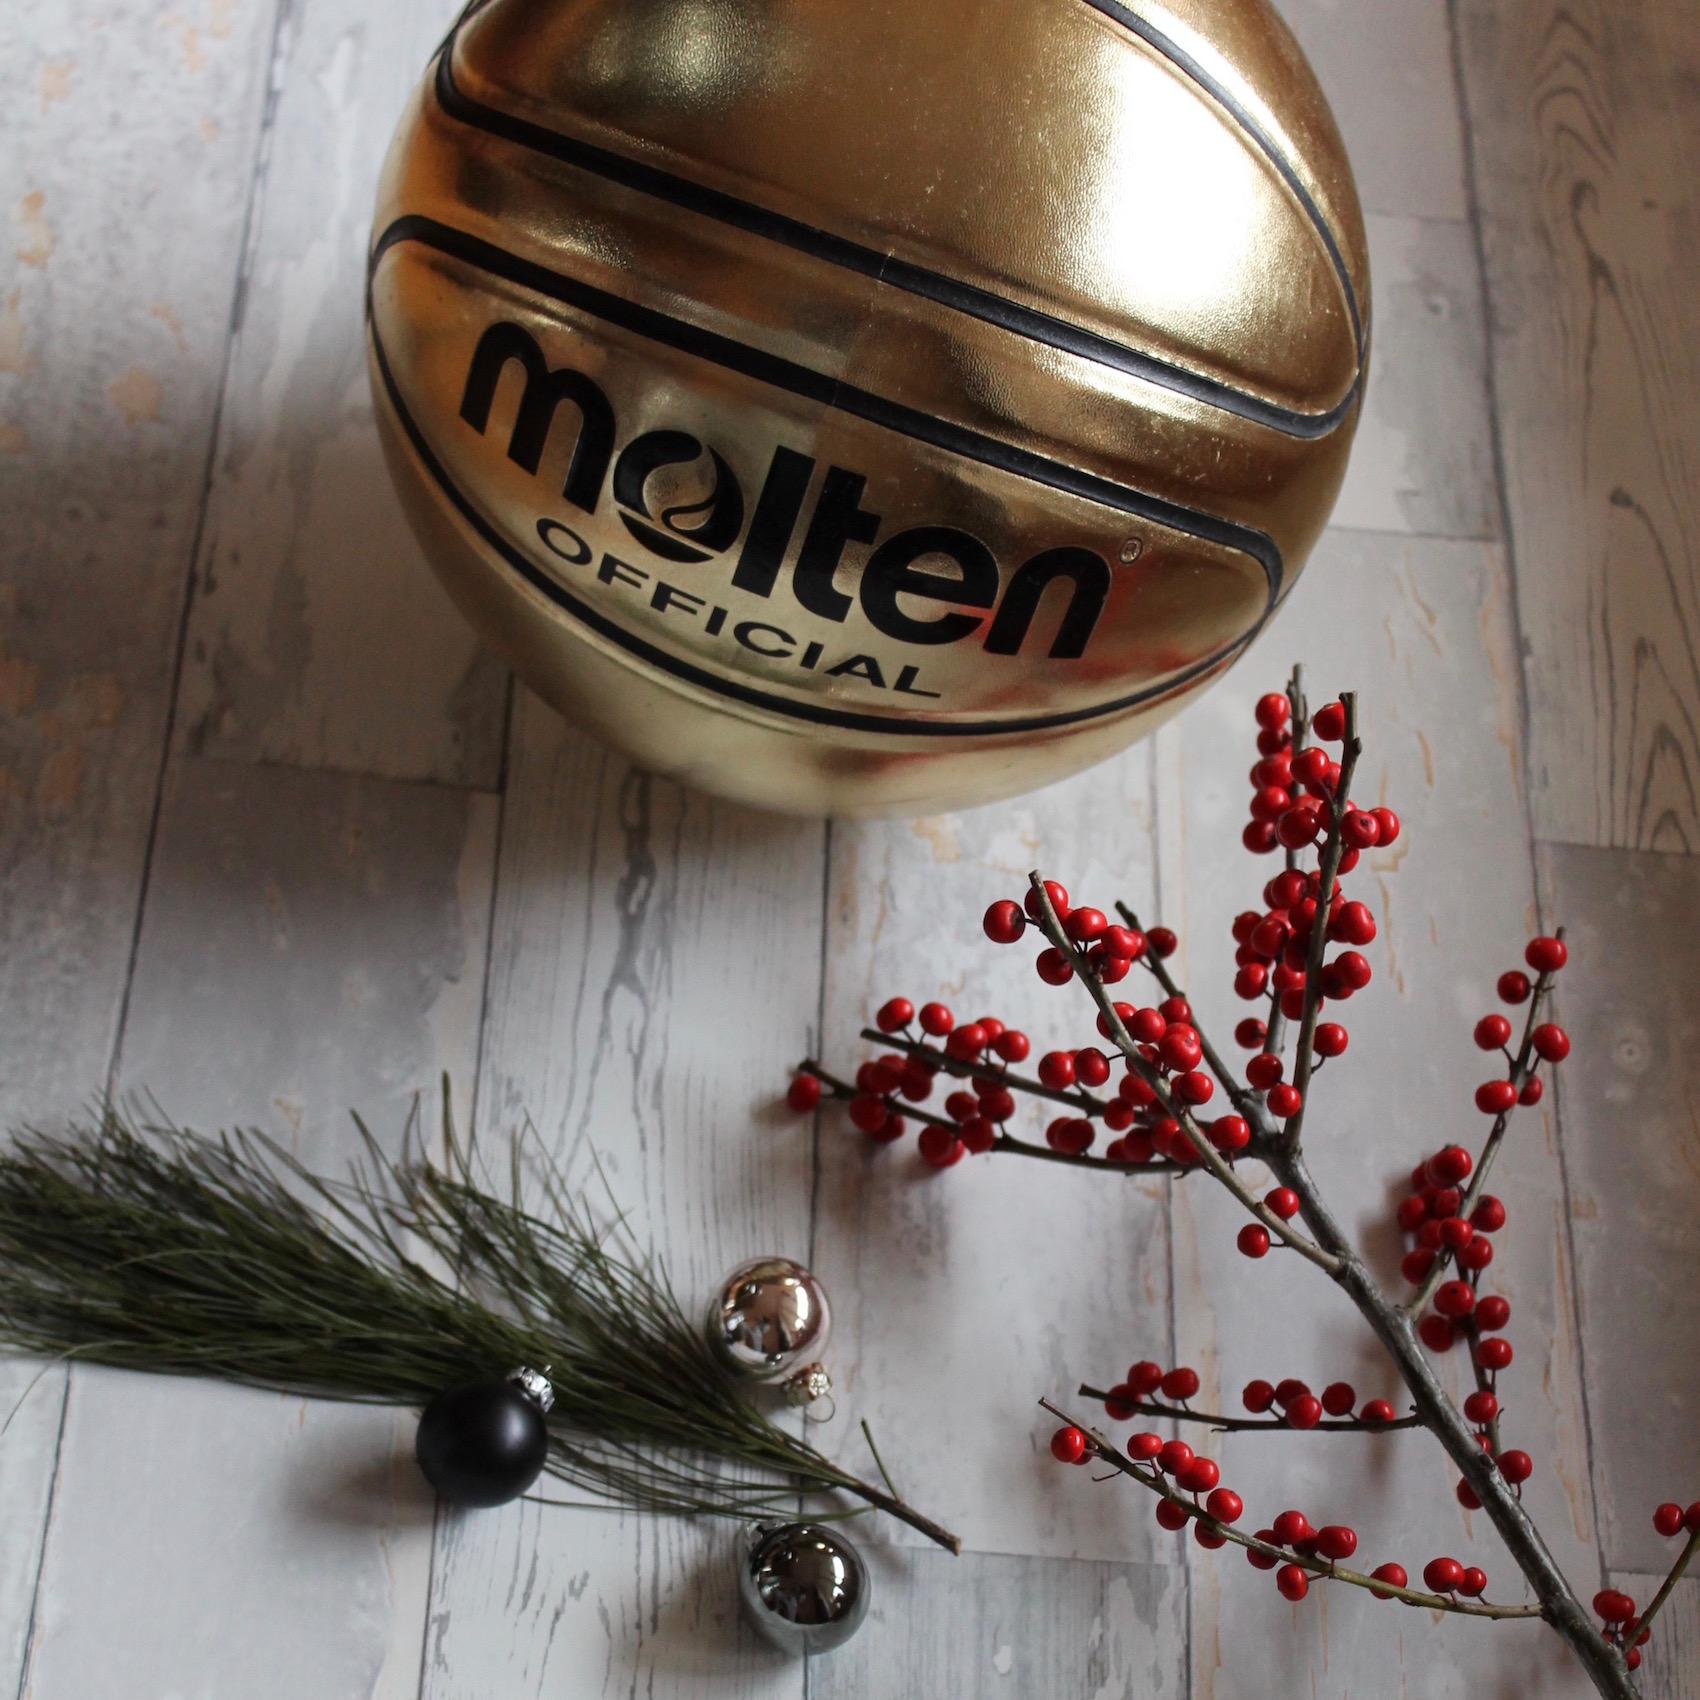 Weihnachtsgeschenke suelovesnyc_sue_loves_nyc_susan_fengler_weekly_update_weihnachtsGeschenke_weihnachts_geschenke_basketball